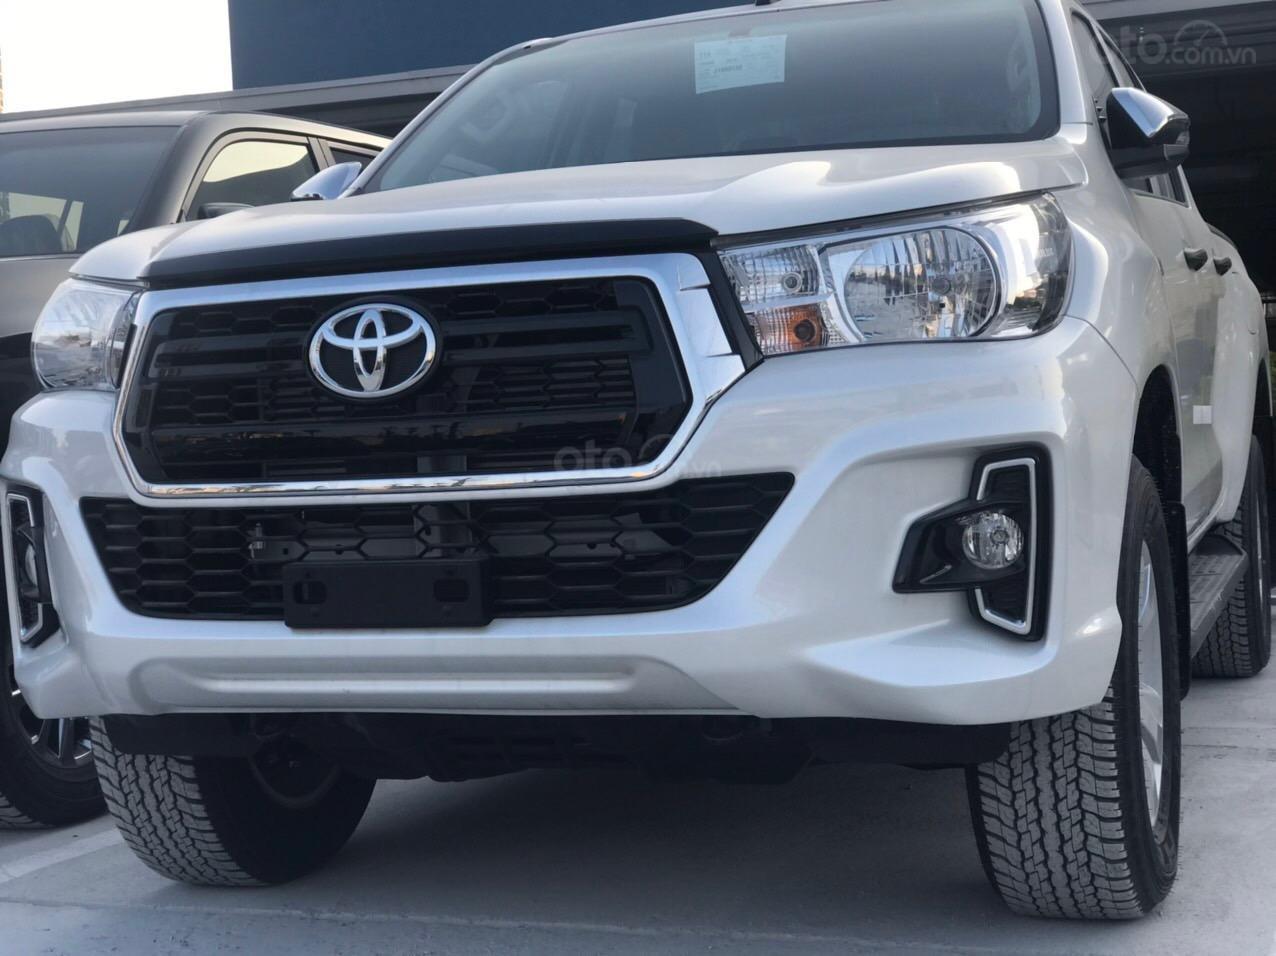 Toyota Hilux 2.4G AT (số tự động) đời 2019, màu trắng, nhập khẩu nguyên chiếc (4)